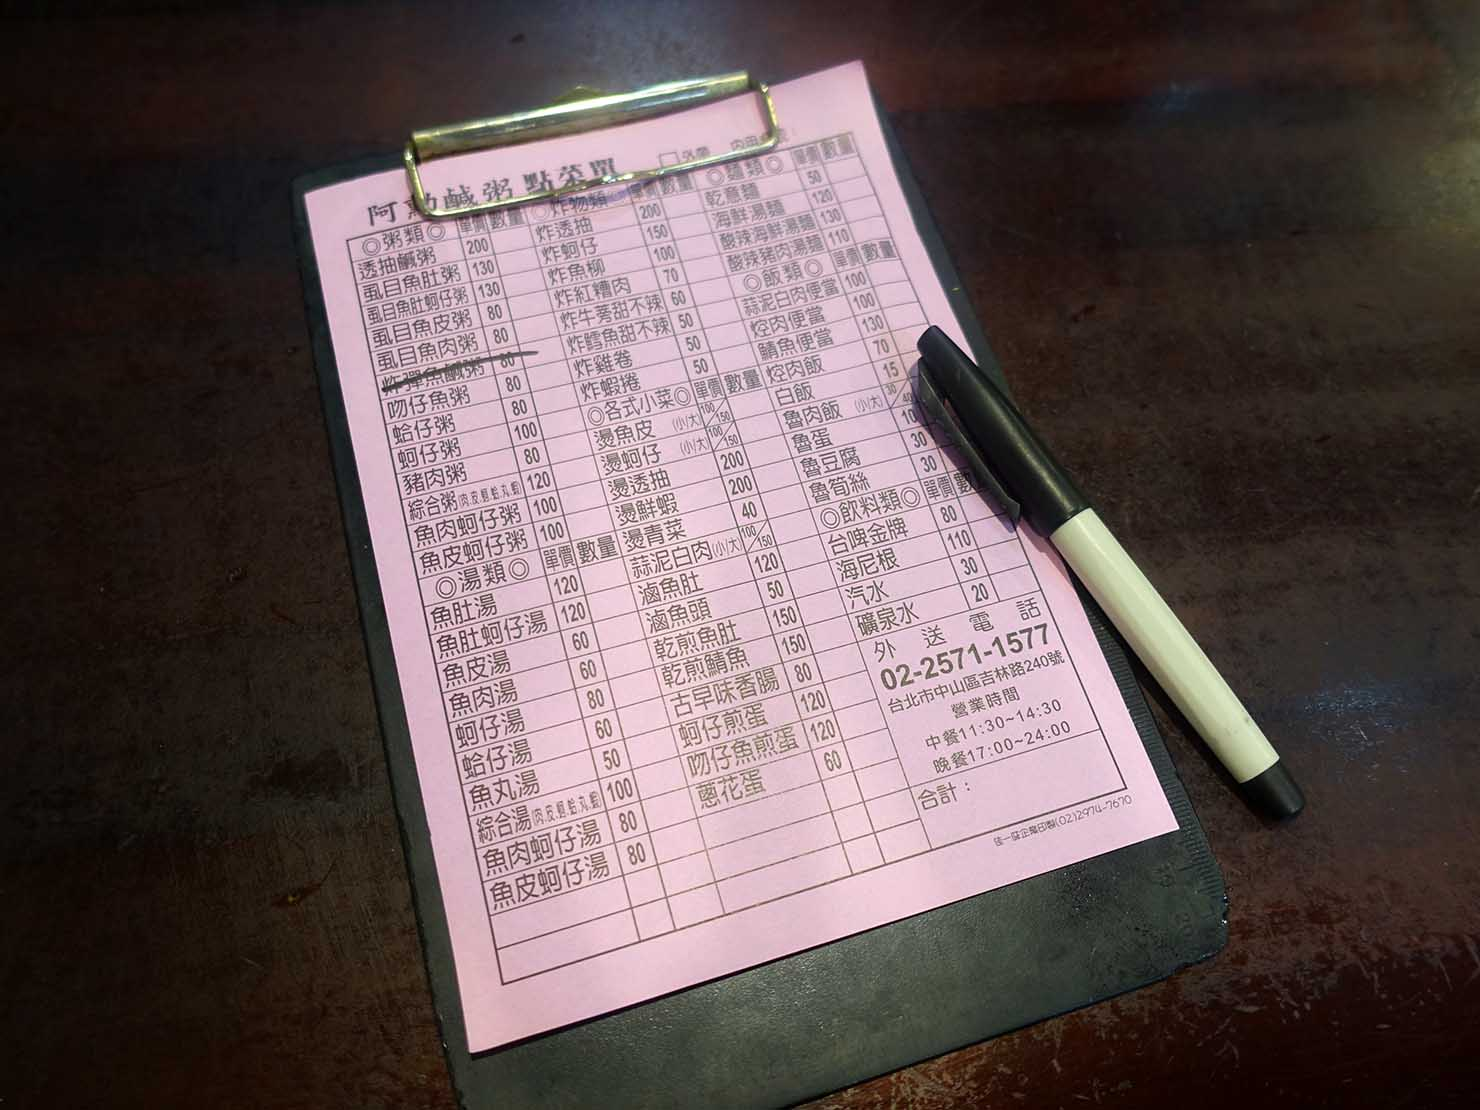 台北・行天宮のおすすめグルメ店「阿勳鹹粥」のメニュー